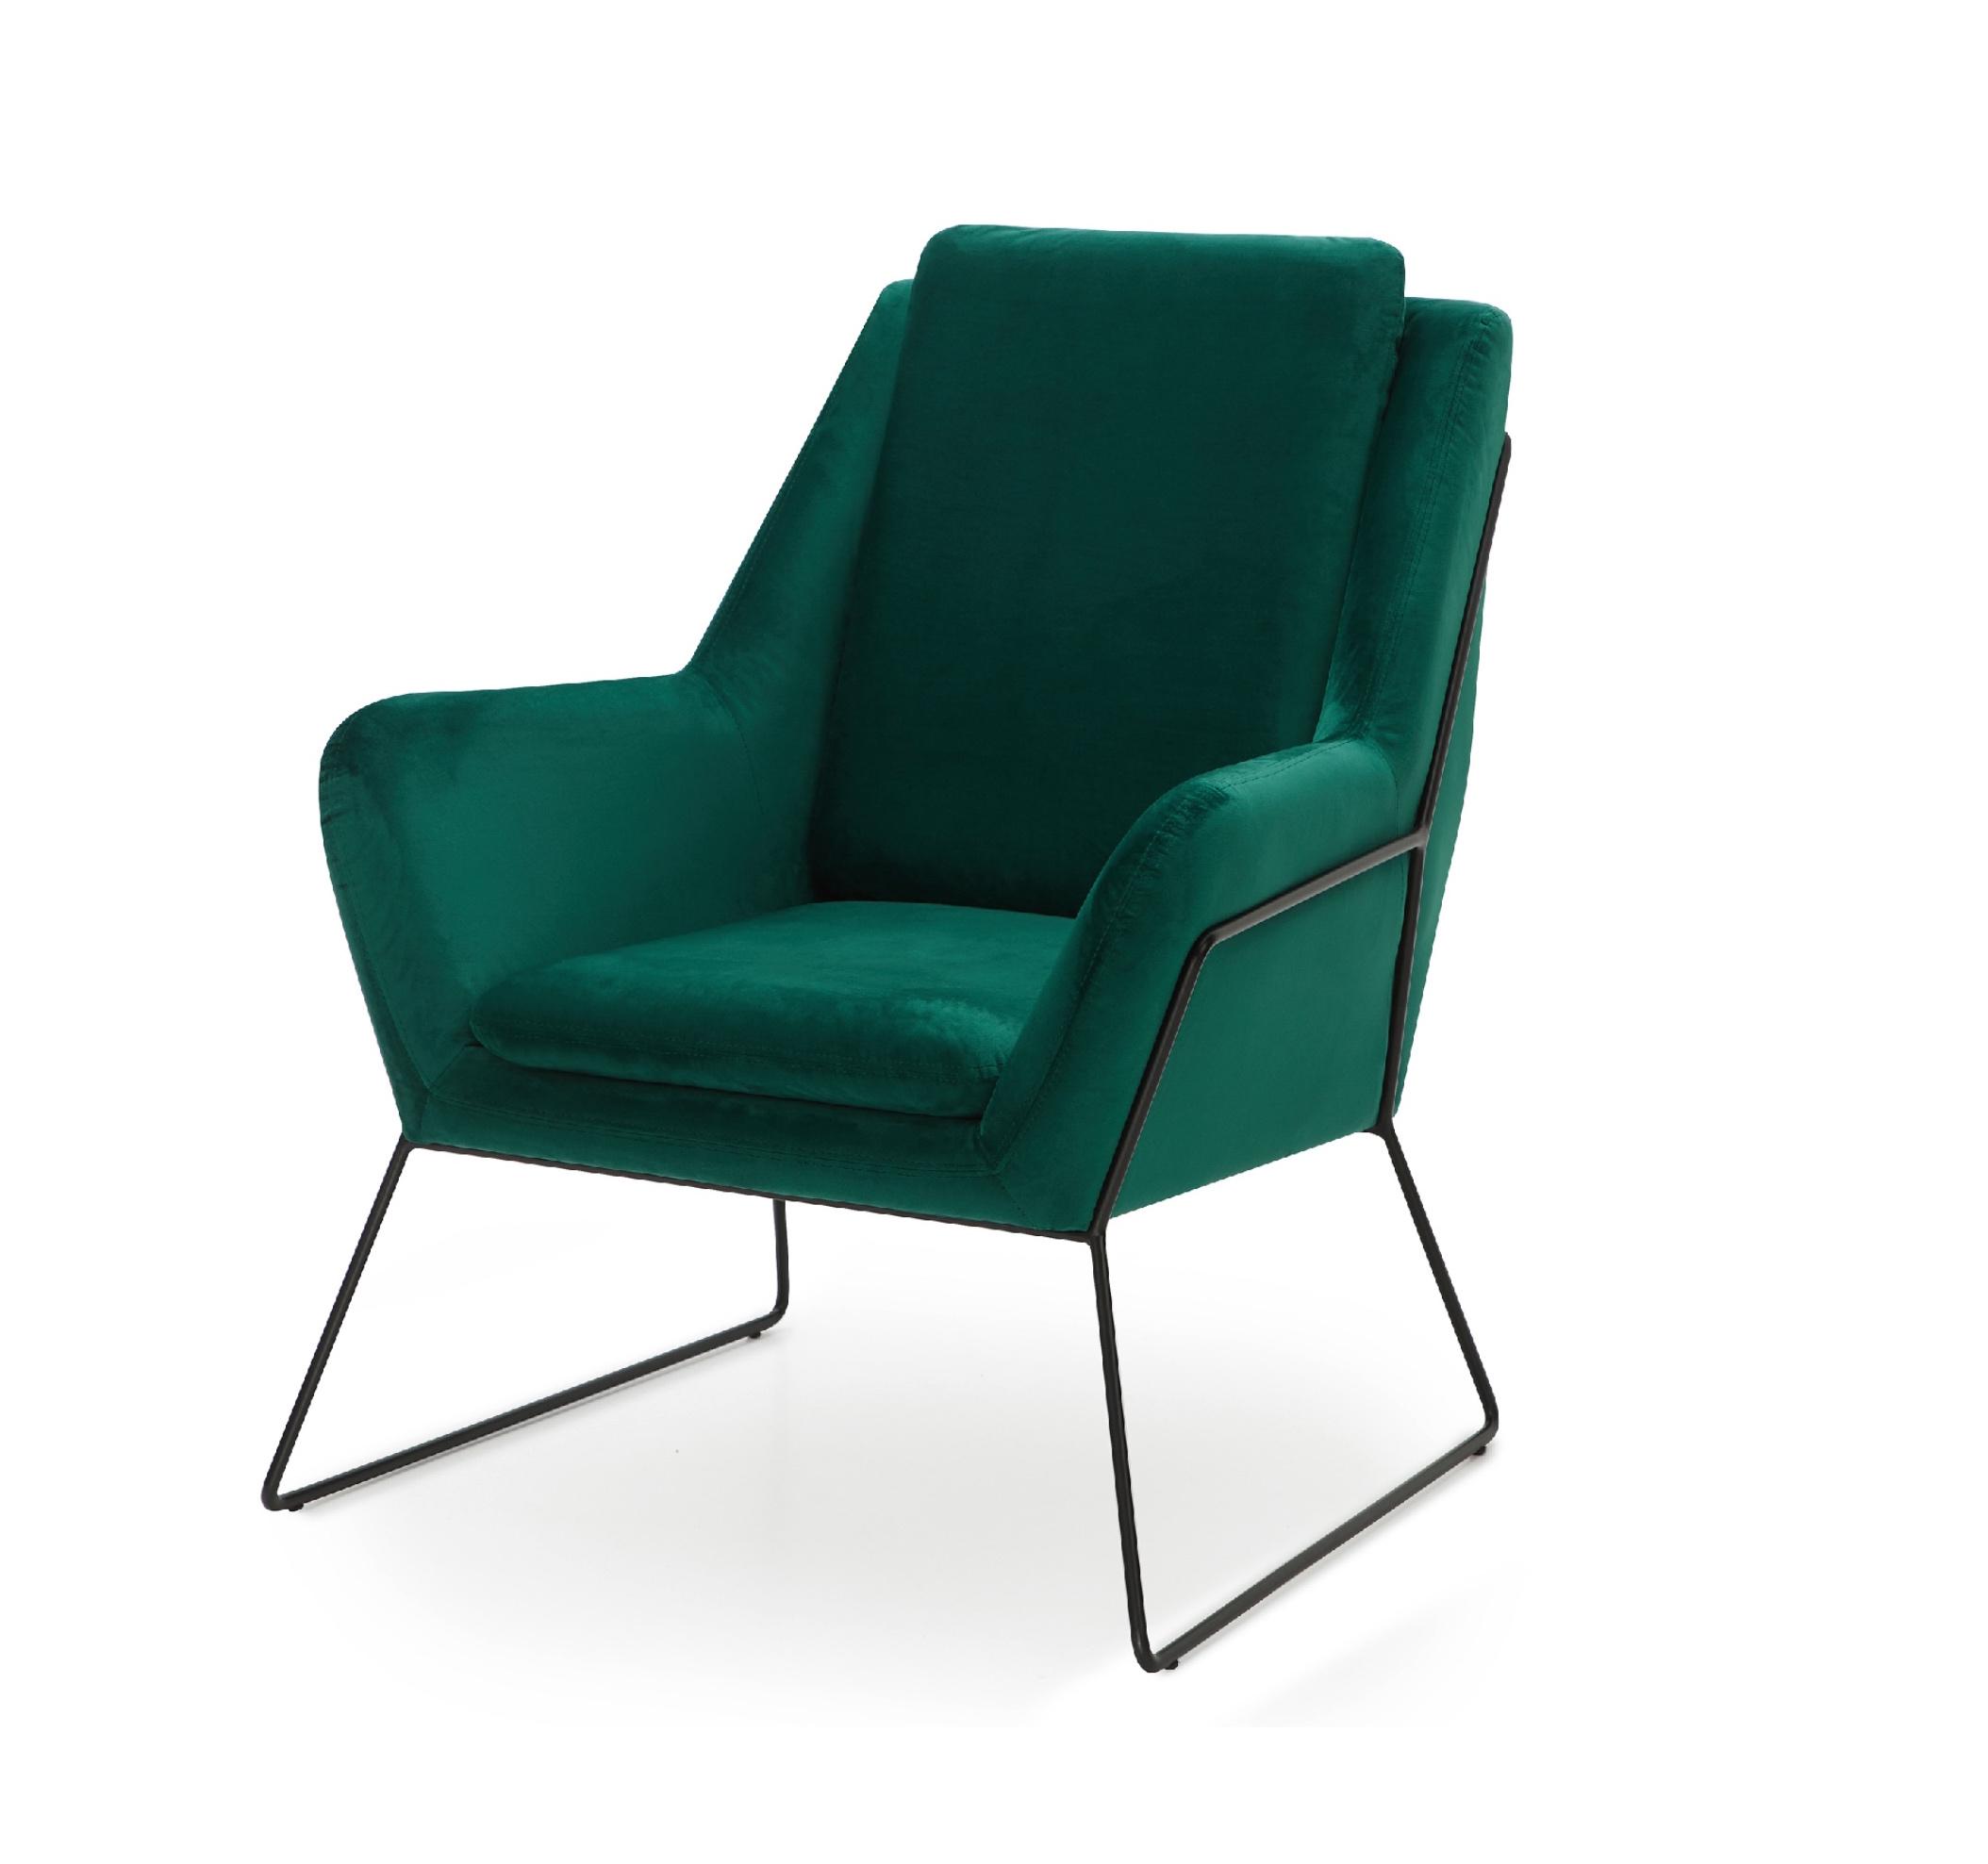 Ferne Armchair from Dunelm: £269.00